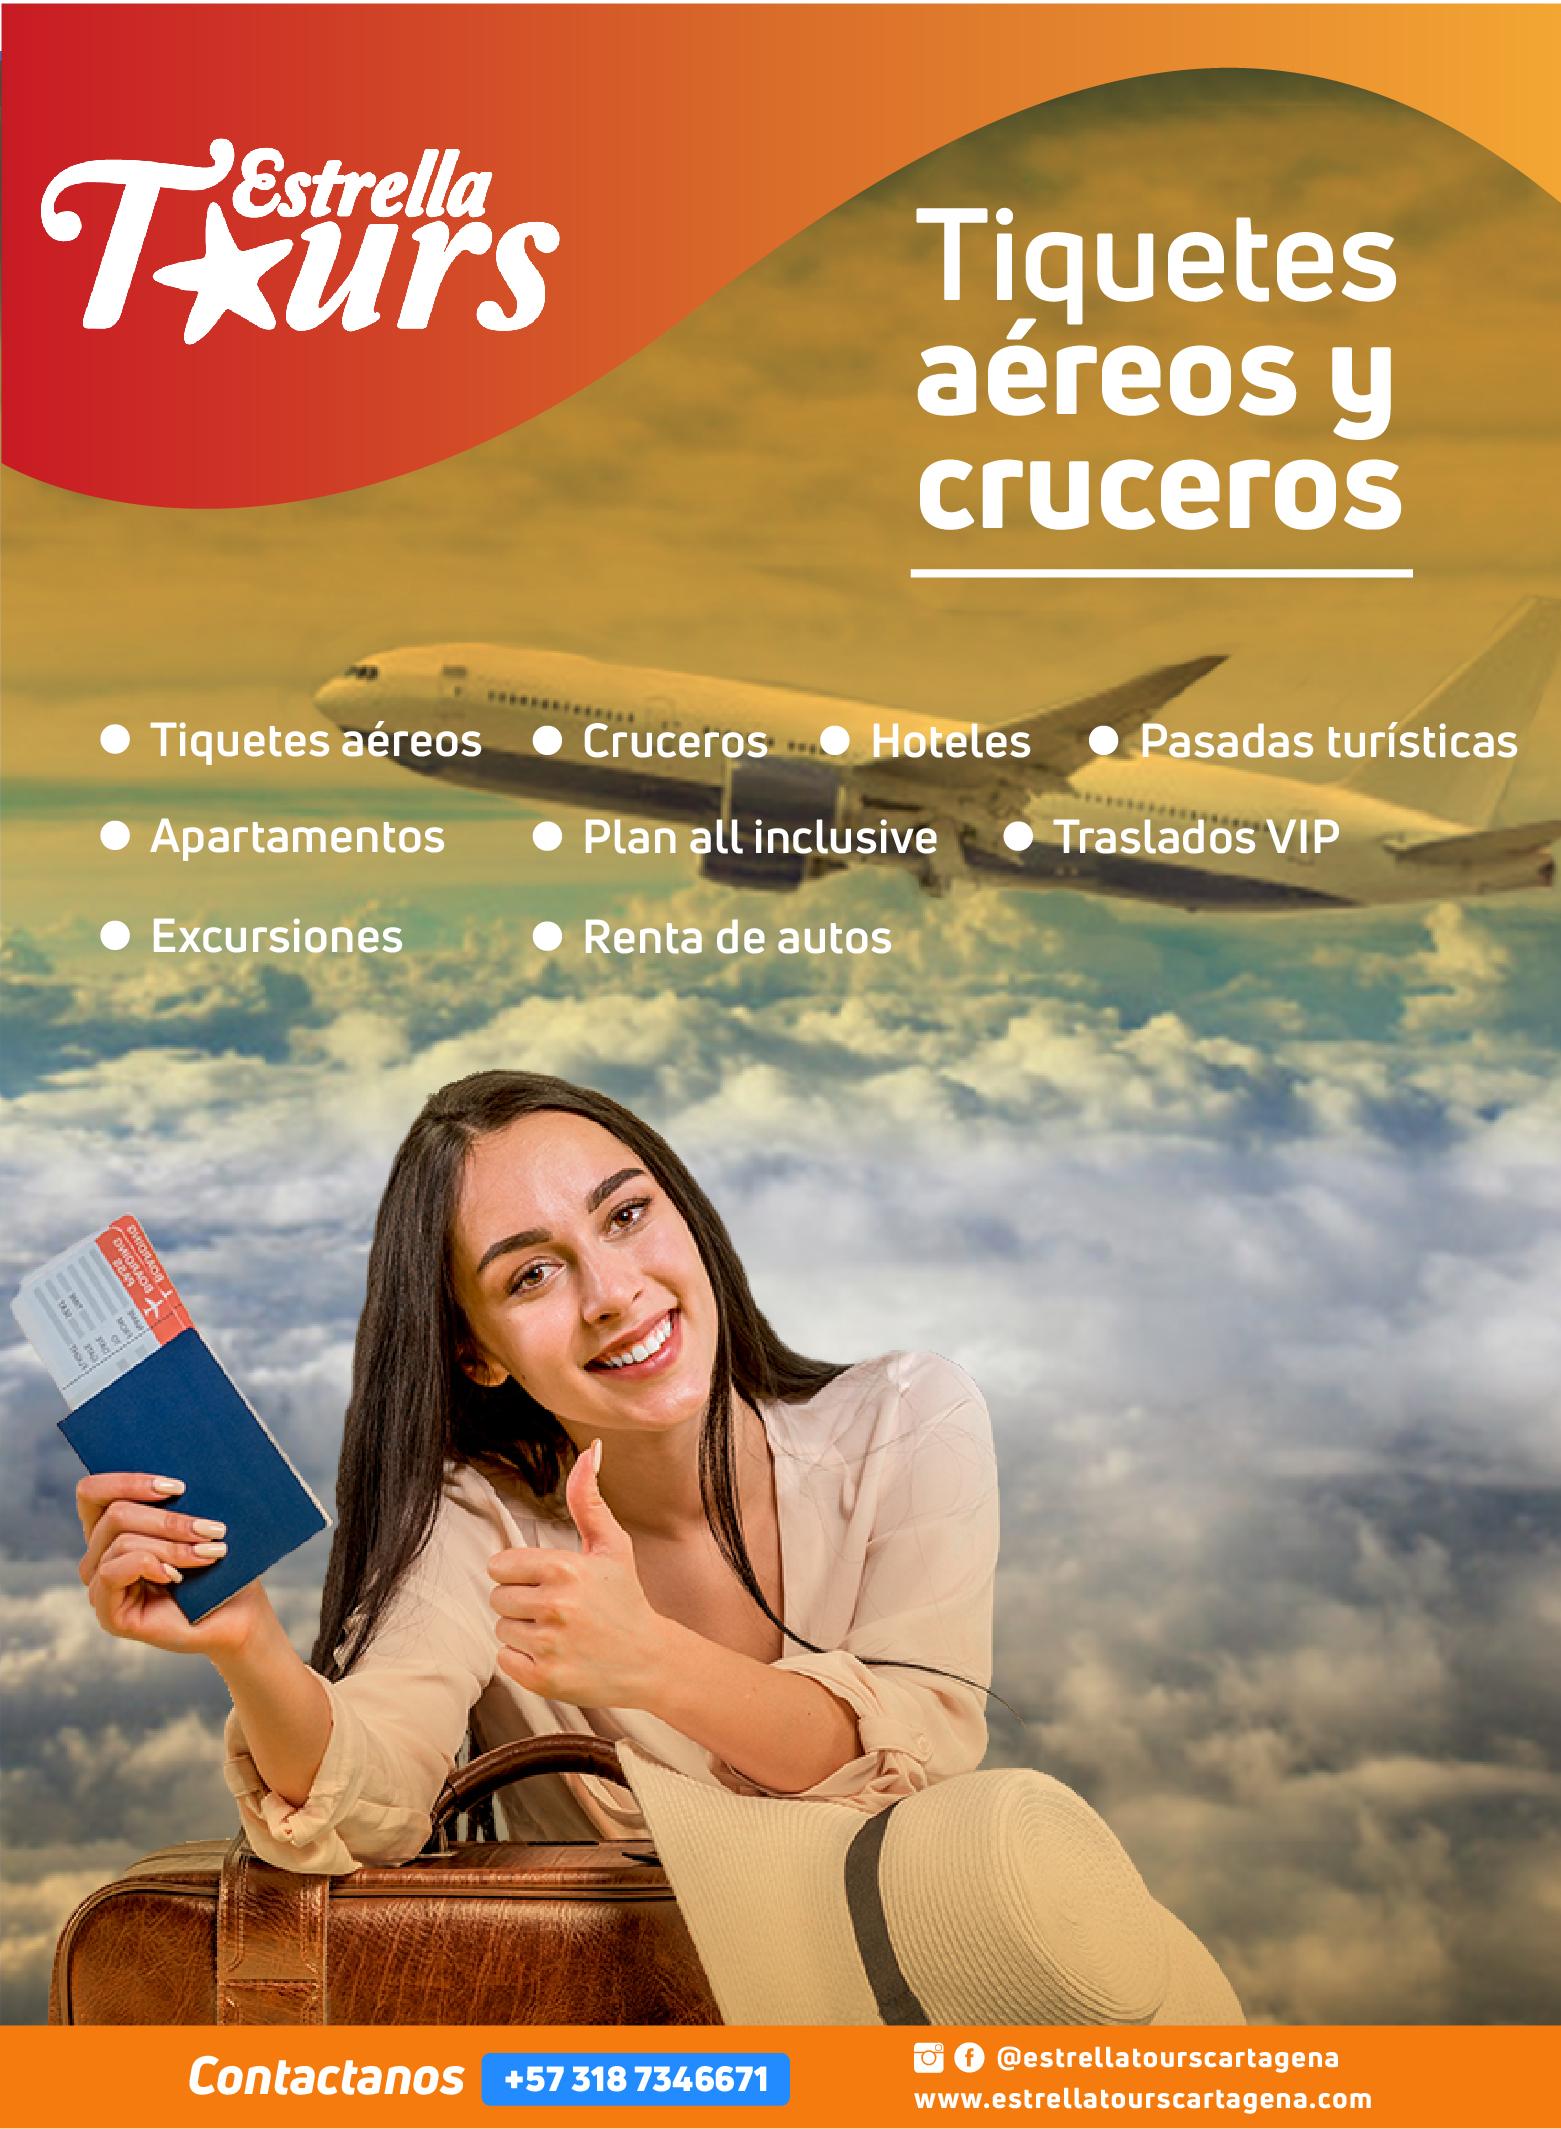 Tiquetes aereos